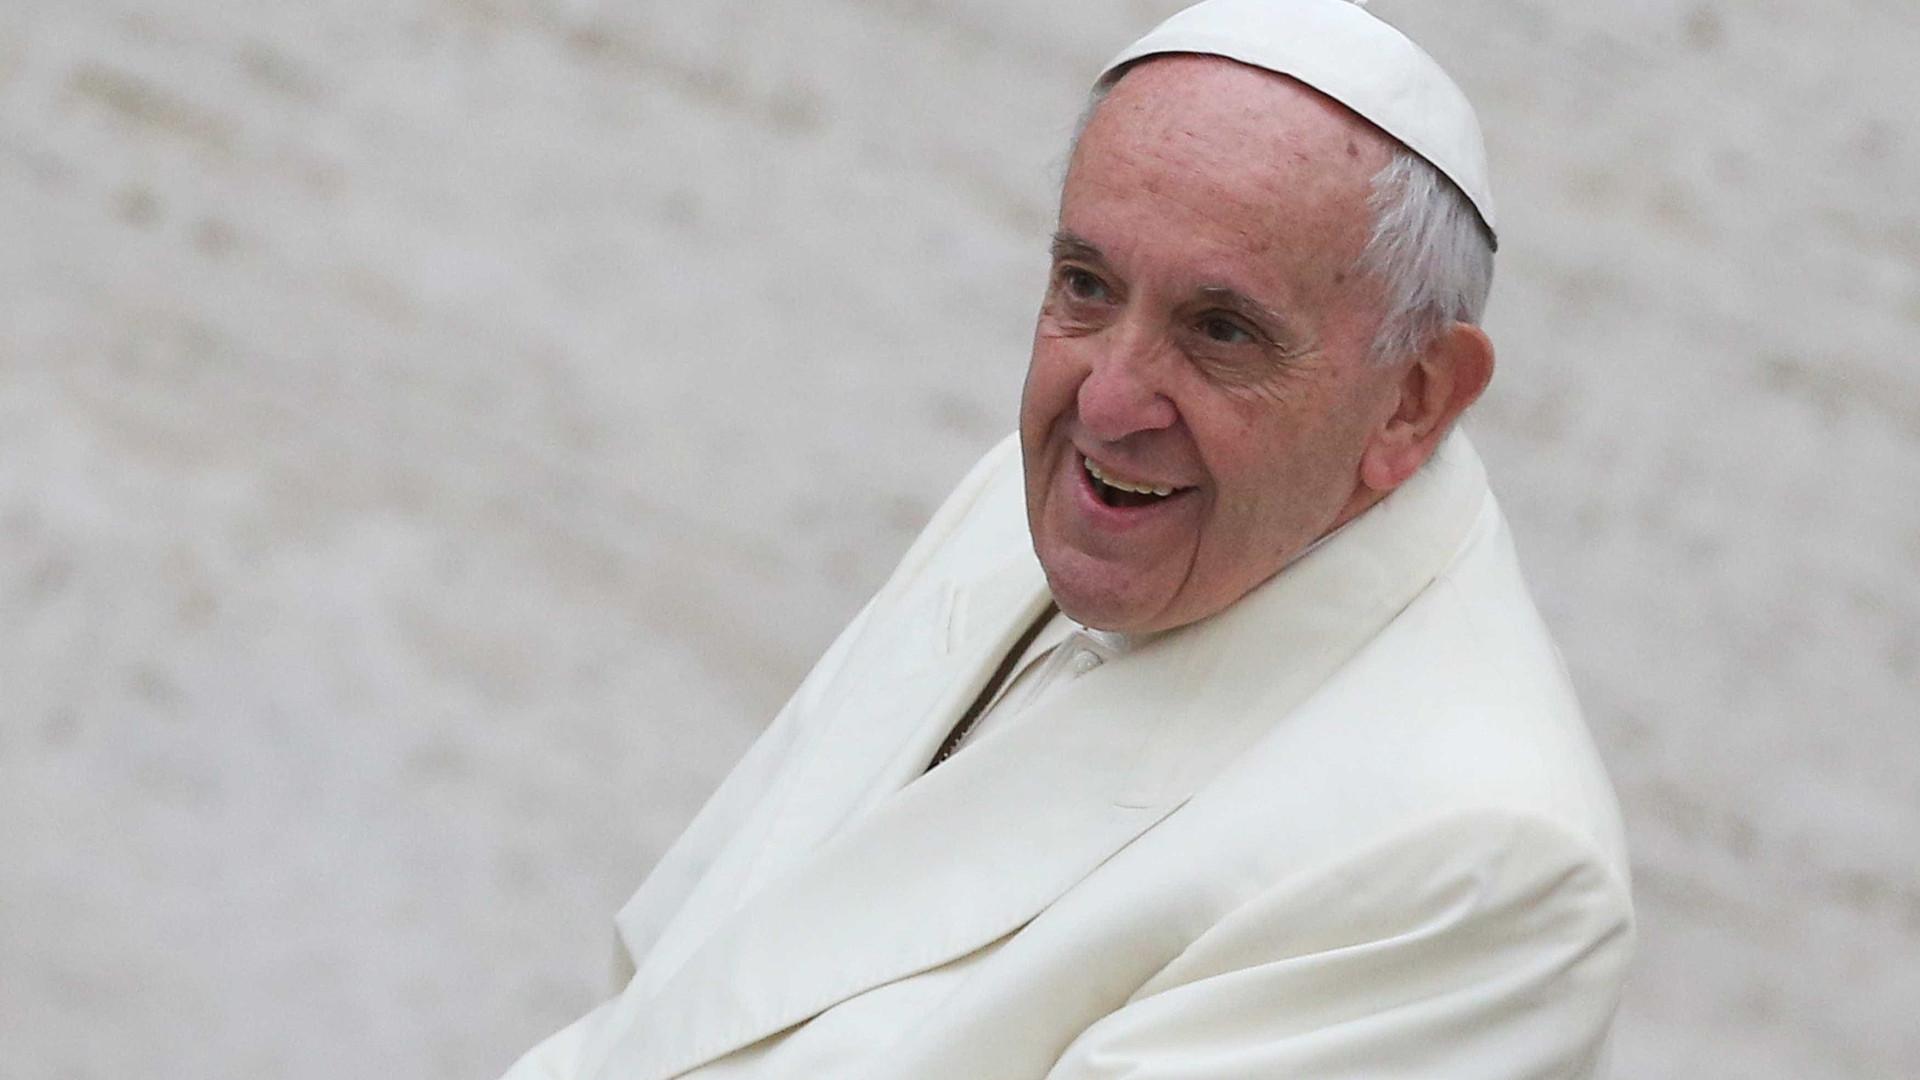 Cardeal condena críticas ao Papa: 'Coroa de espinhos'